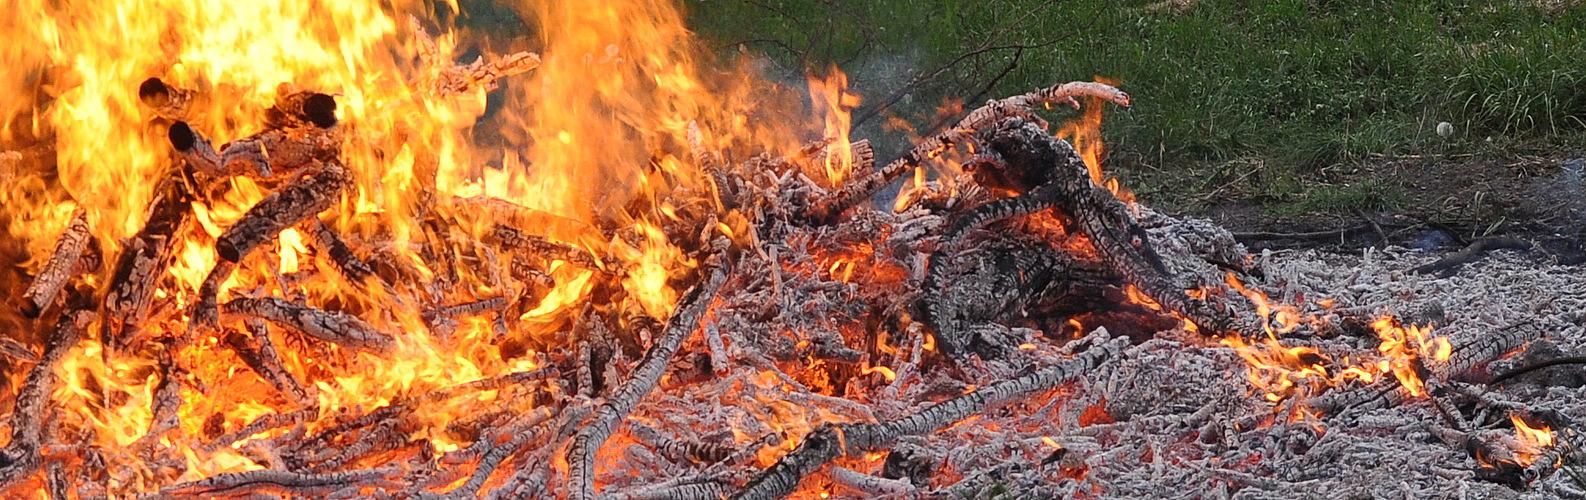 Osterfeuer im vergehen noch schön